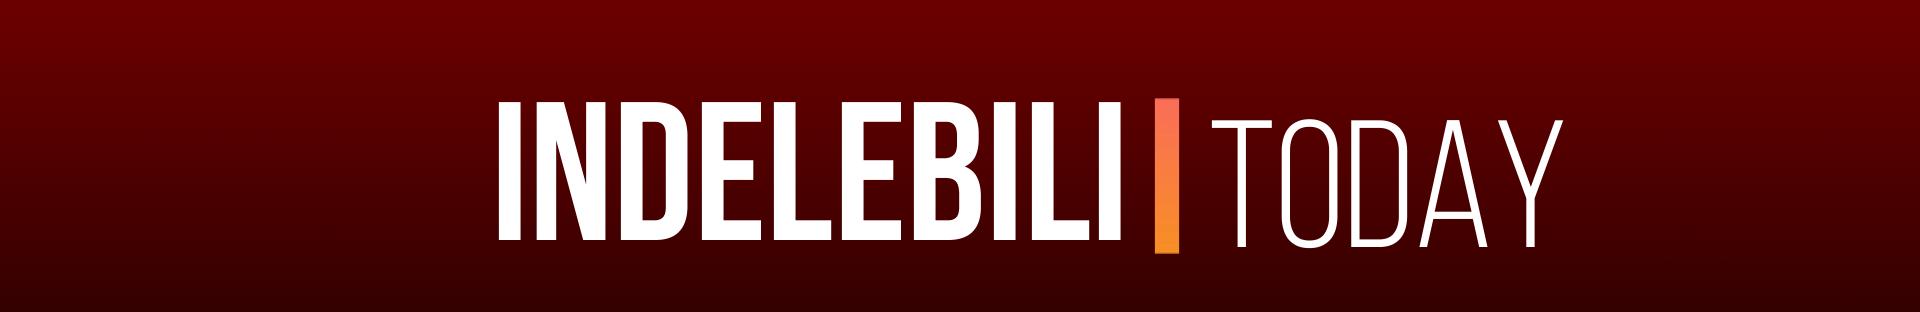 Indelebili Today - L'informazione a portata di mano